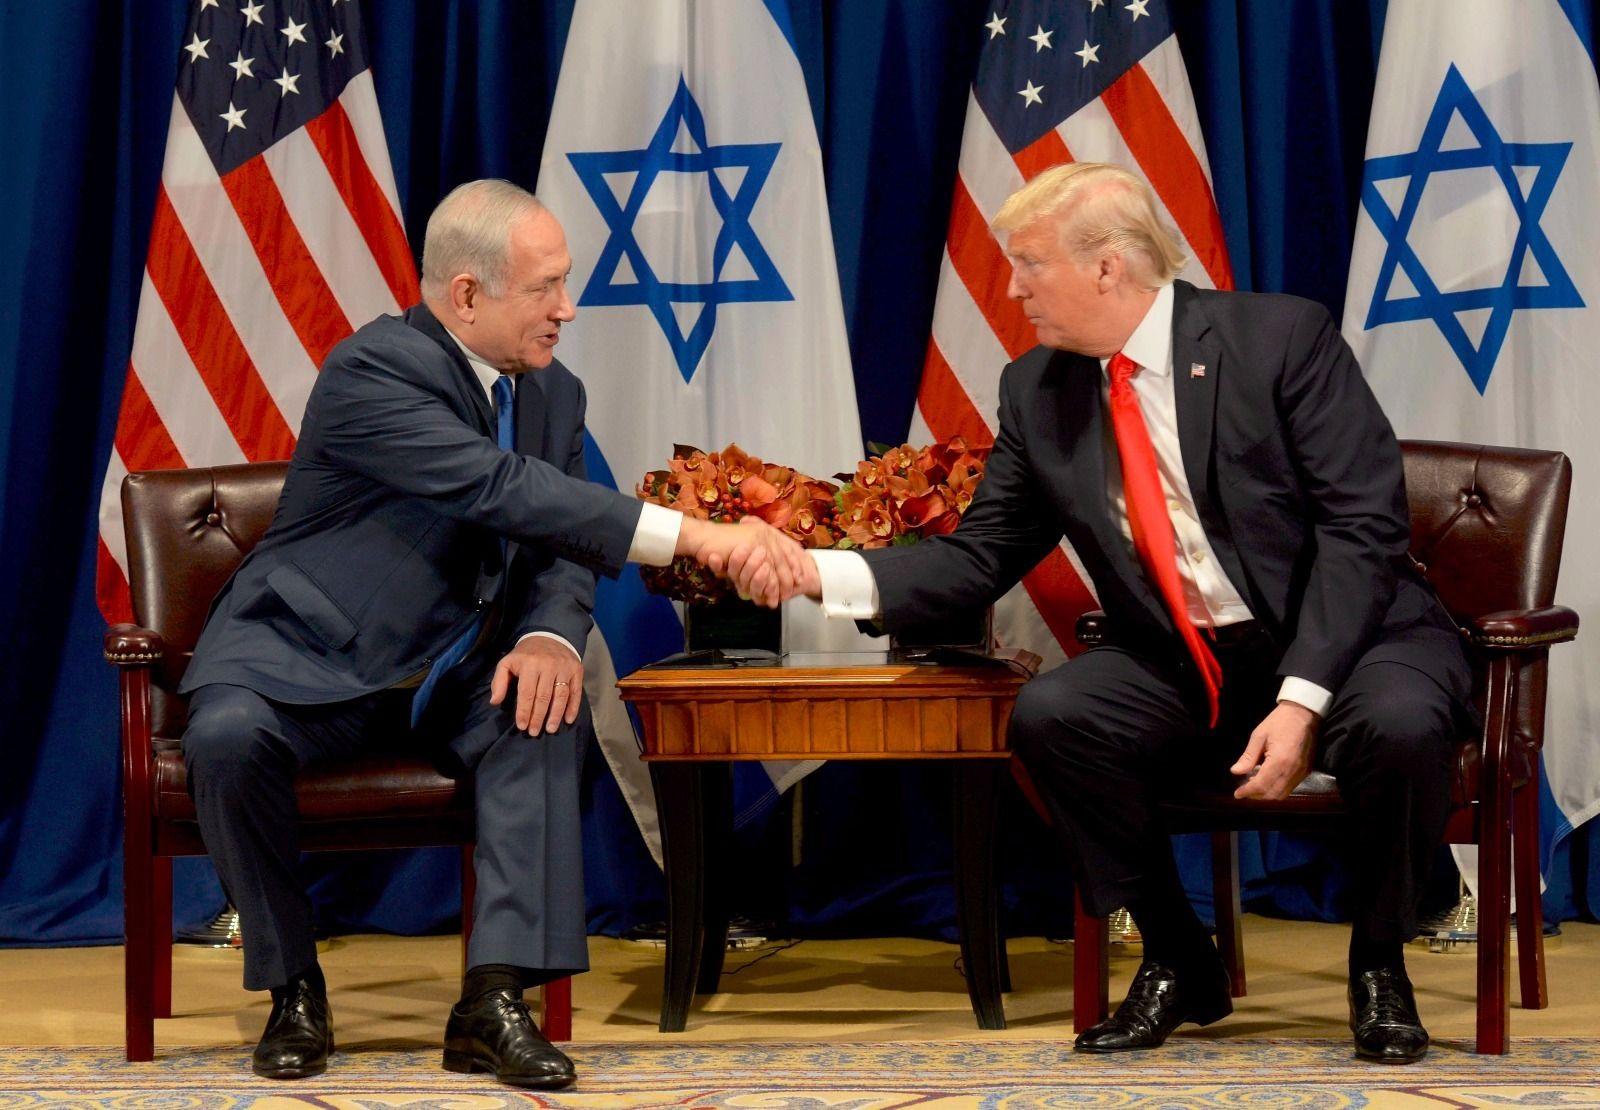 Donald Trump and Benjamin Netanyahu meeting in New York, September 18, 2017